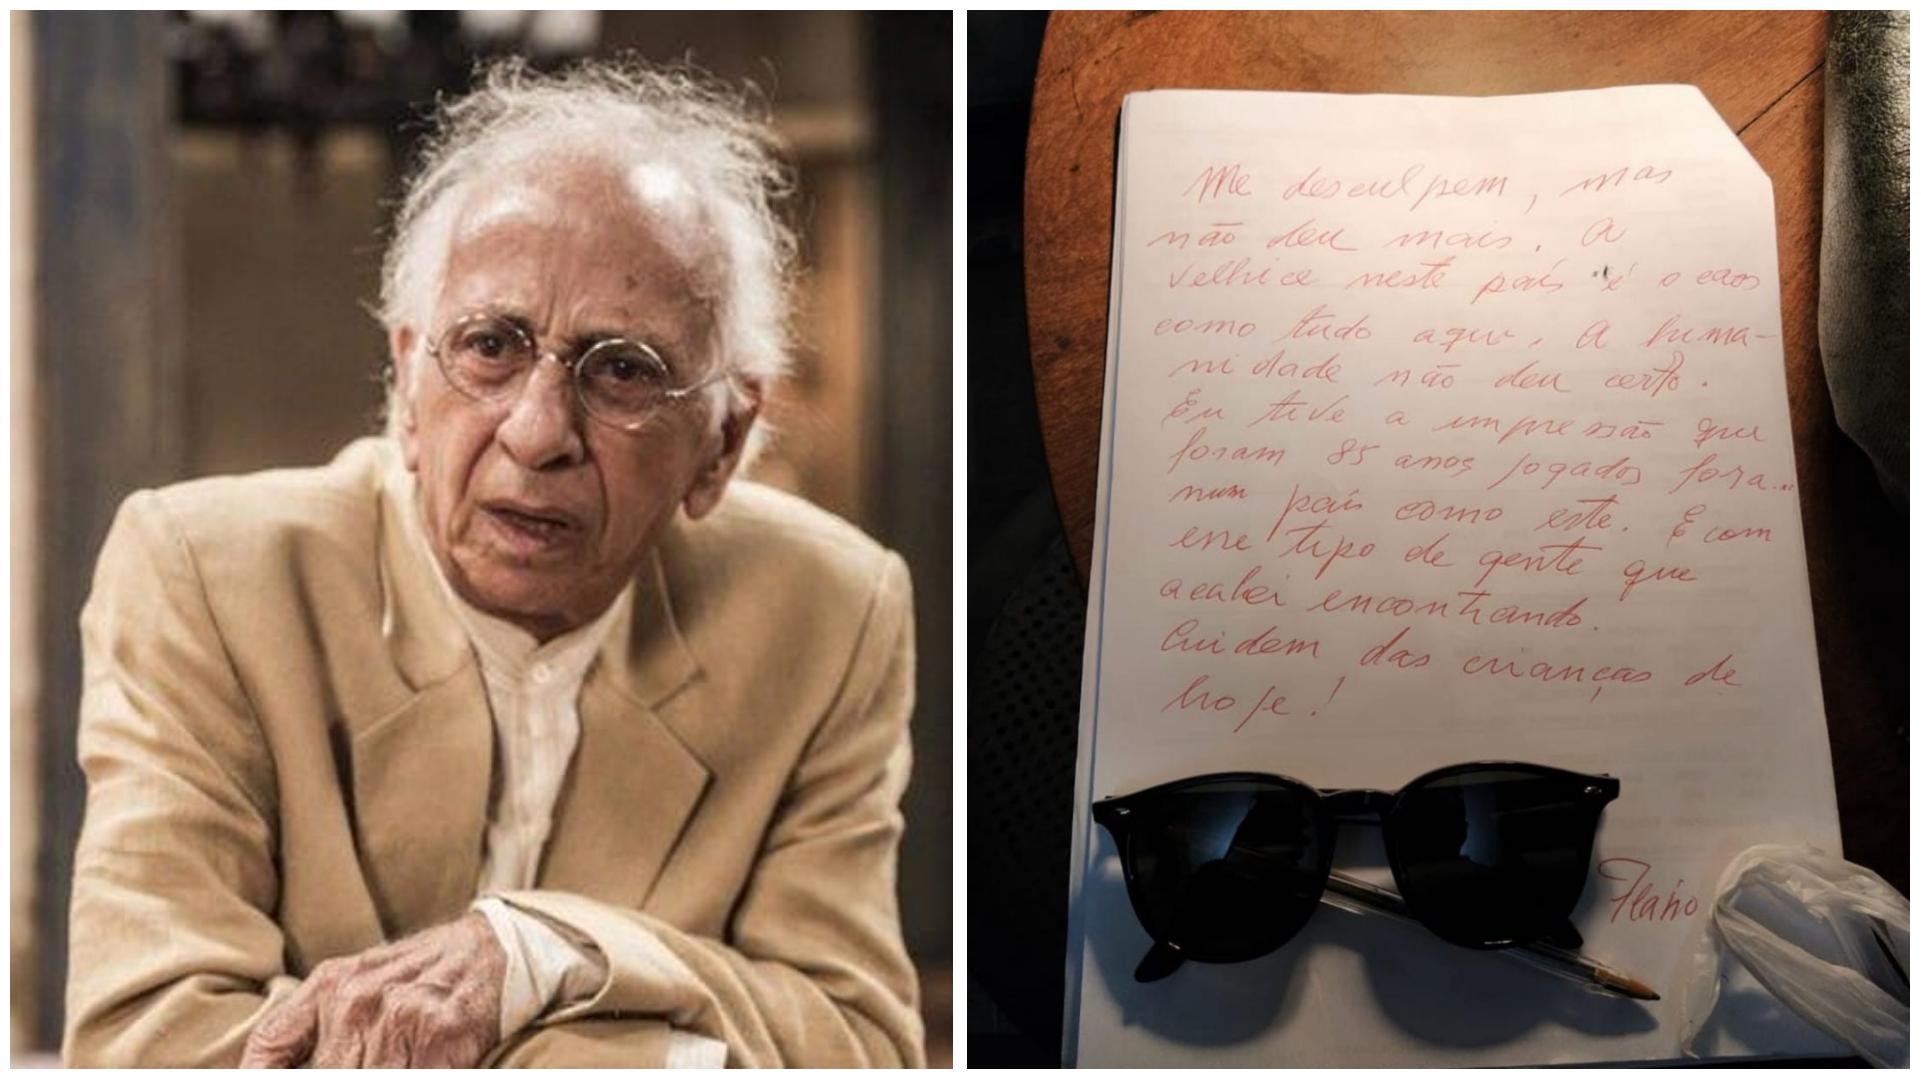 Ator Flávio Migliaccio deixou carta de despedida antes de morrer, diz O Globo